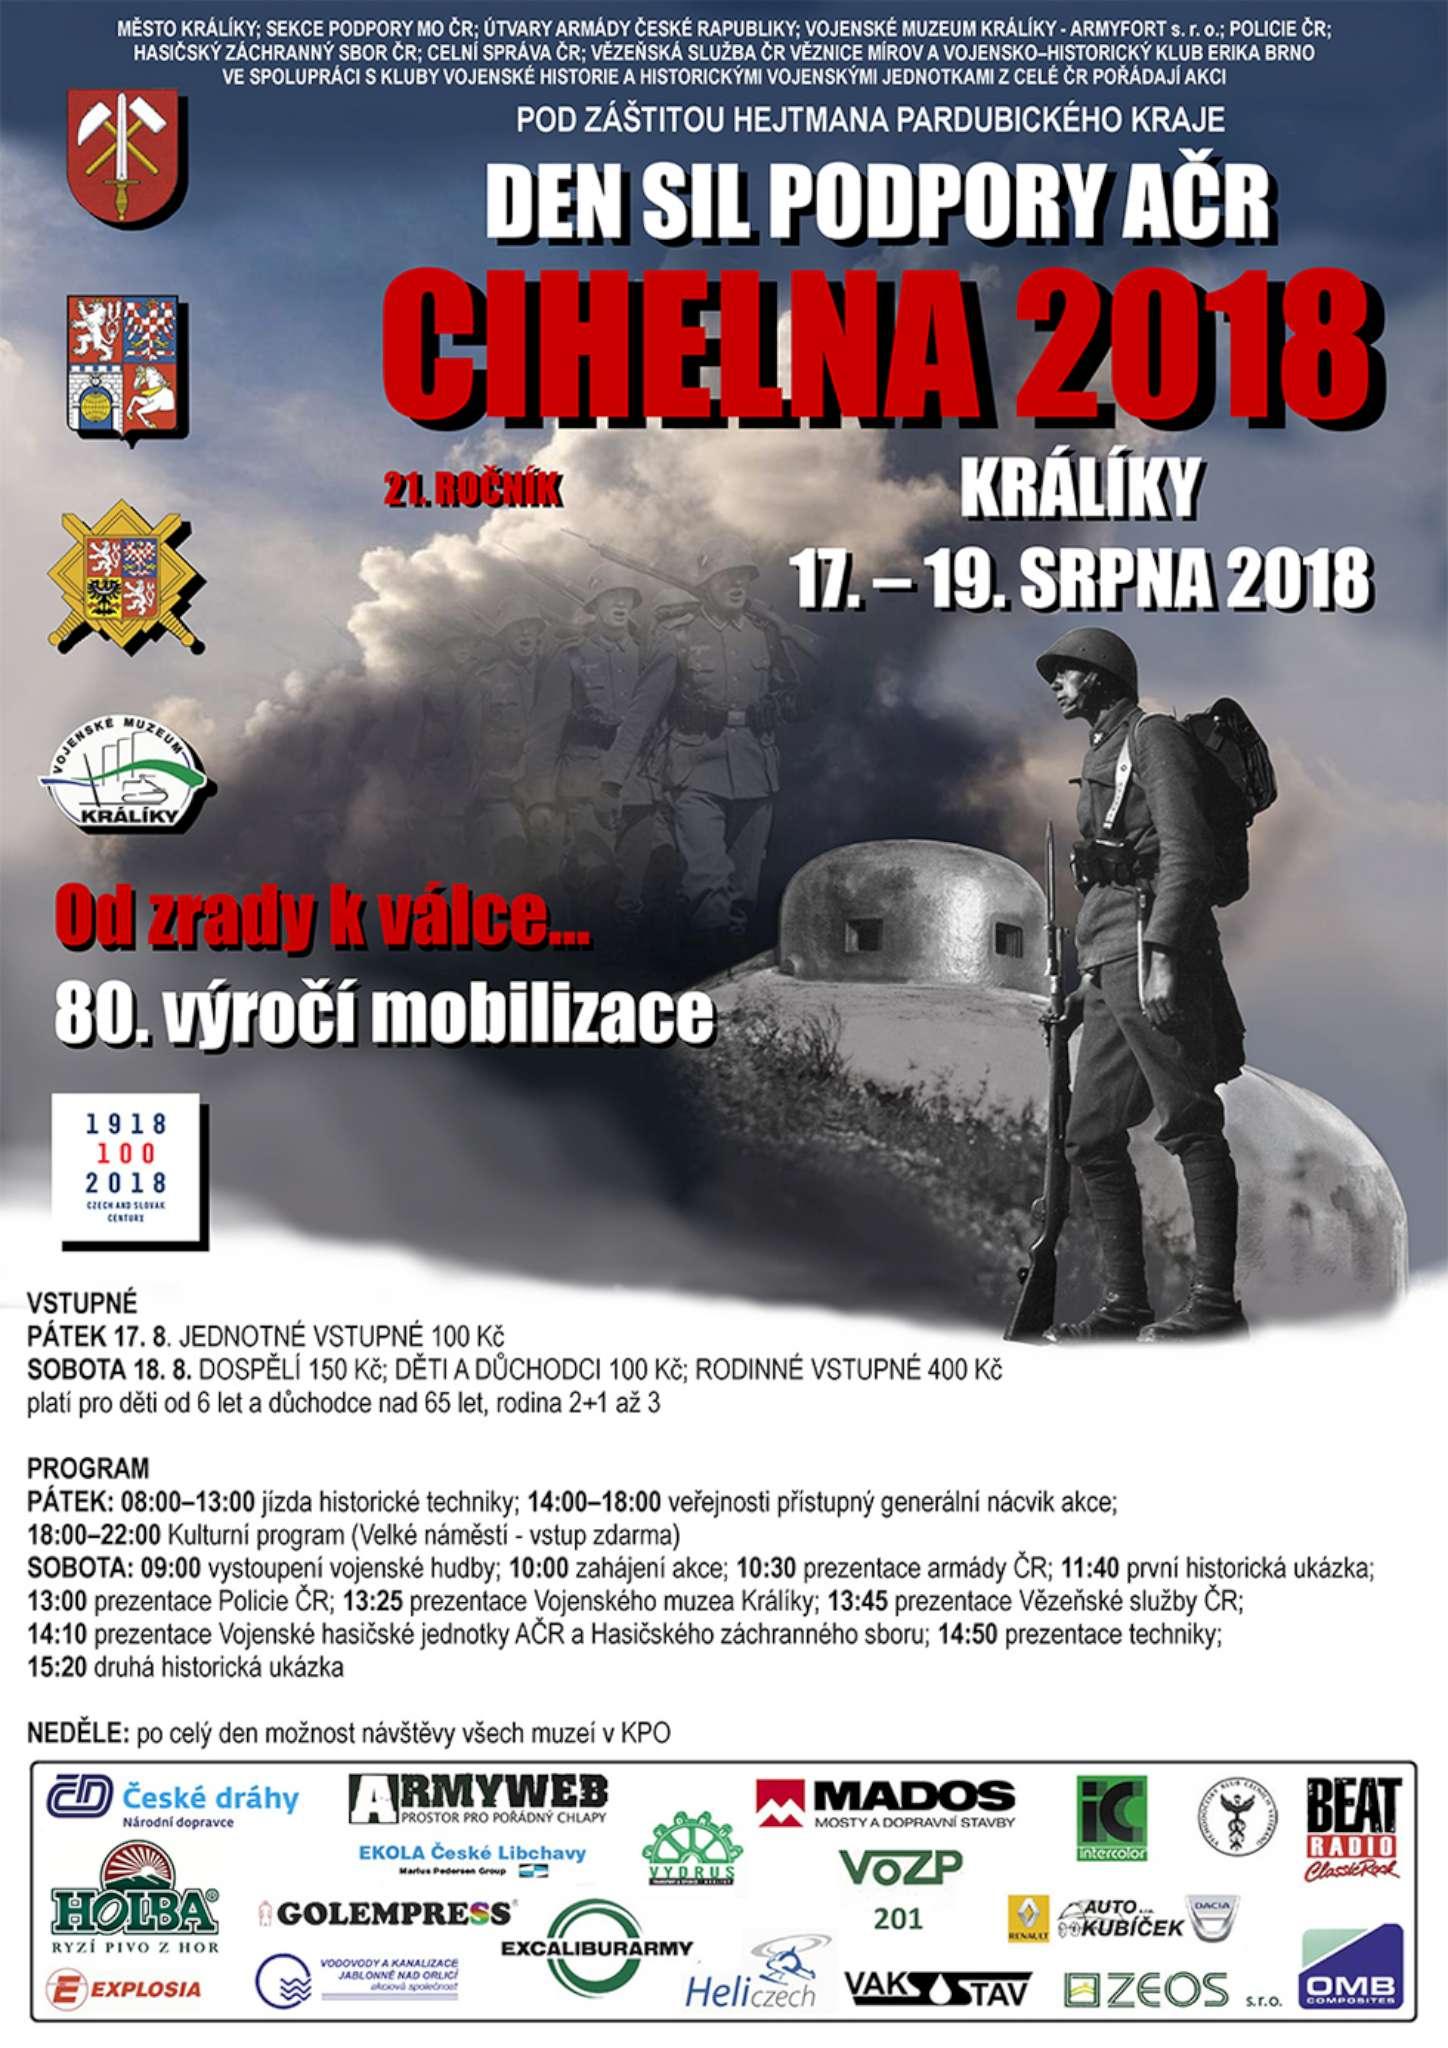 CIHELNA_2018_kraliky-2048